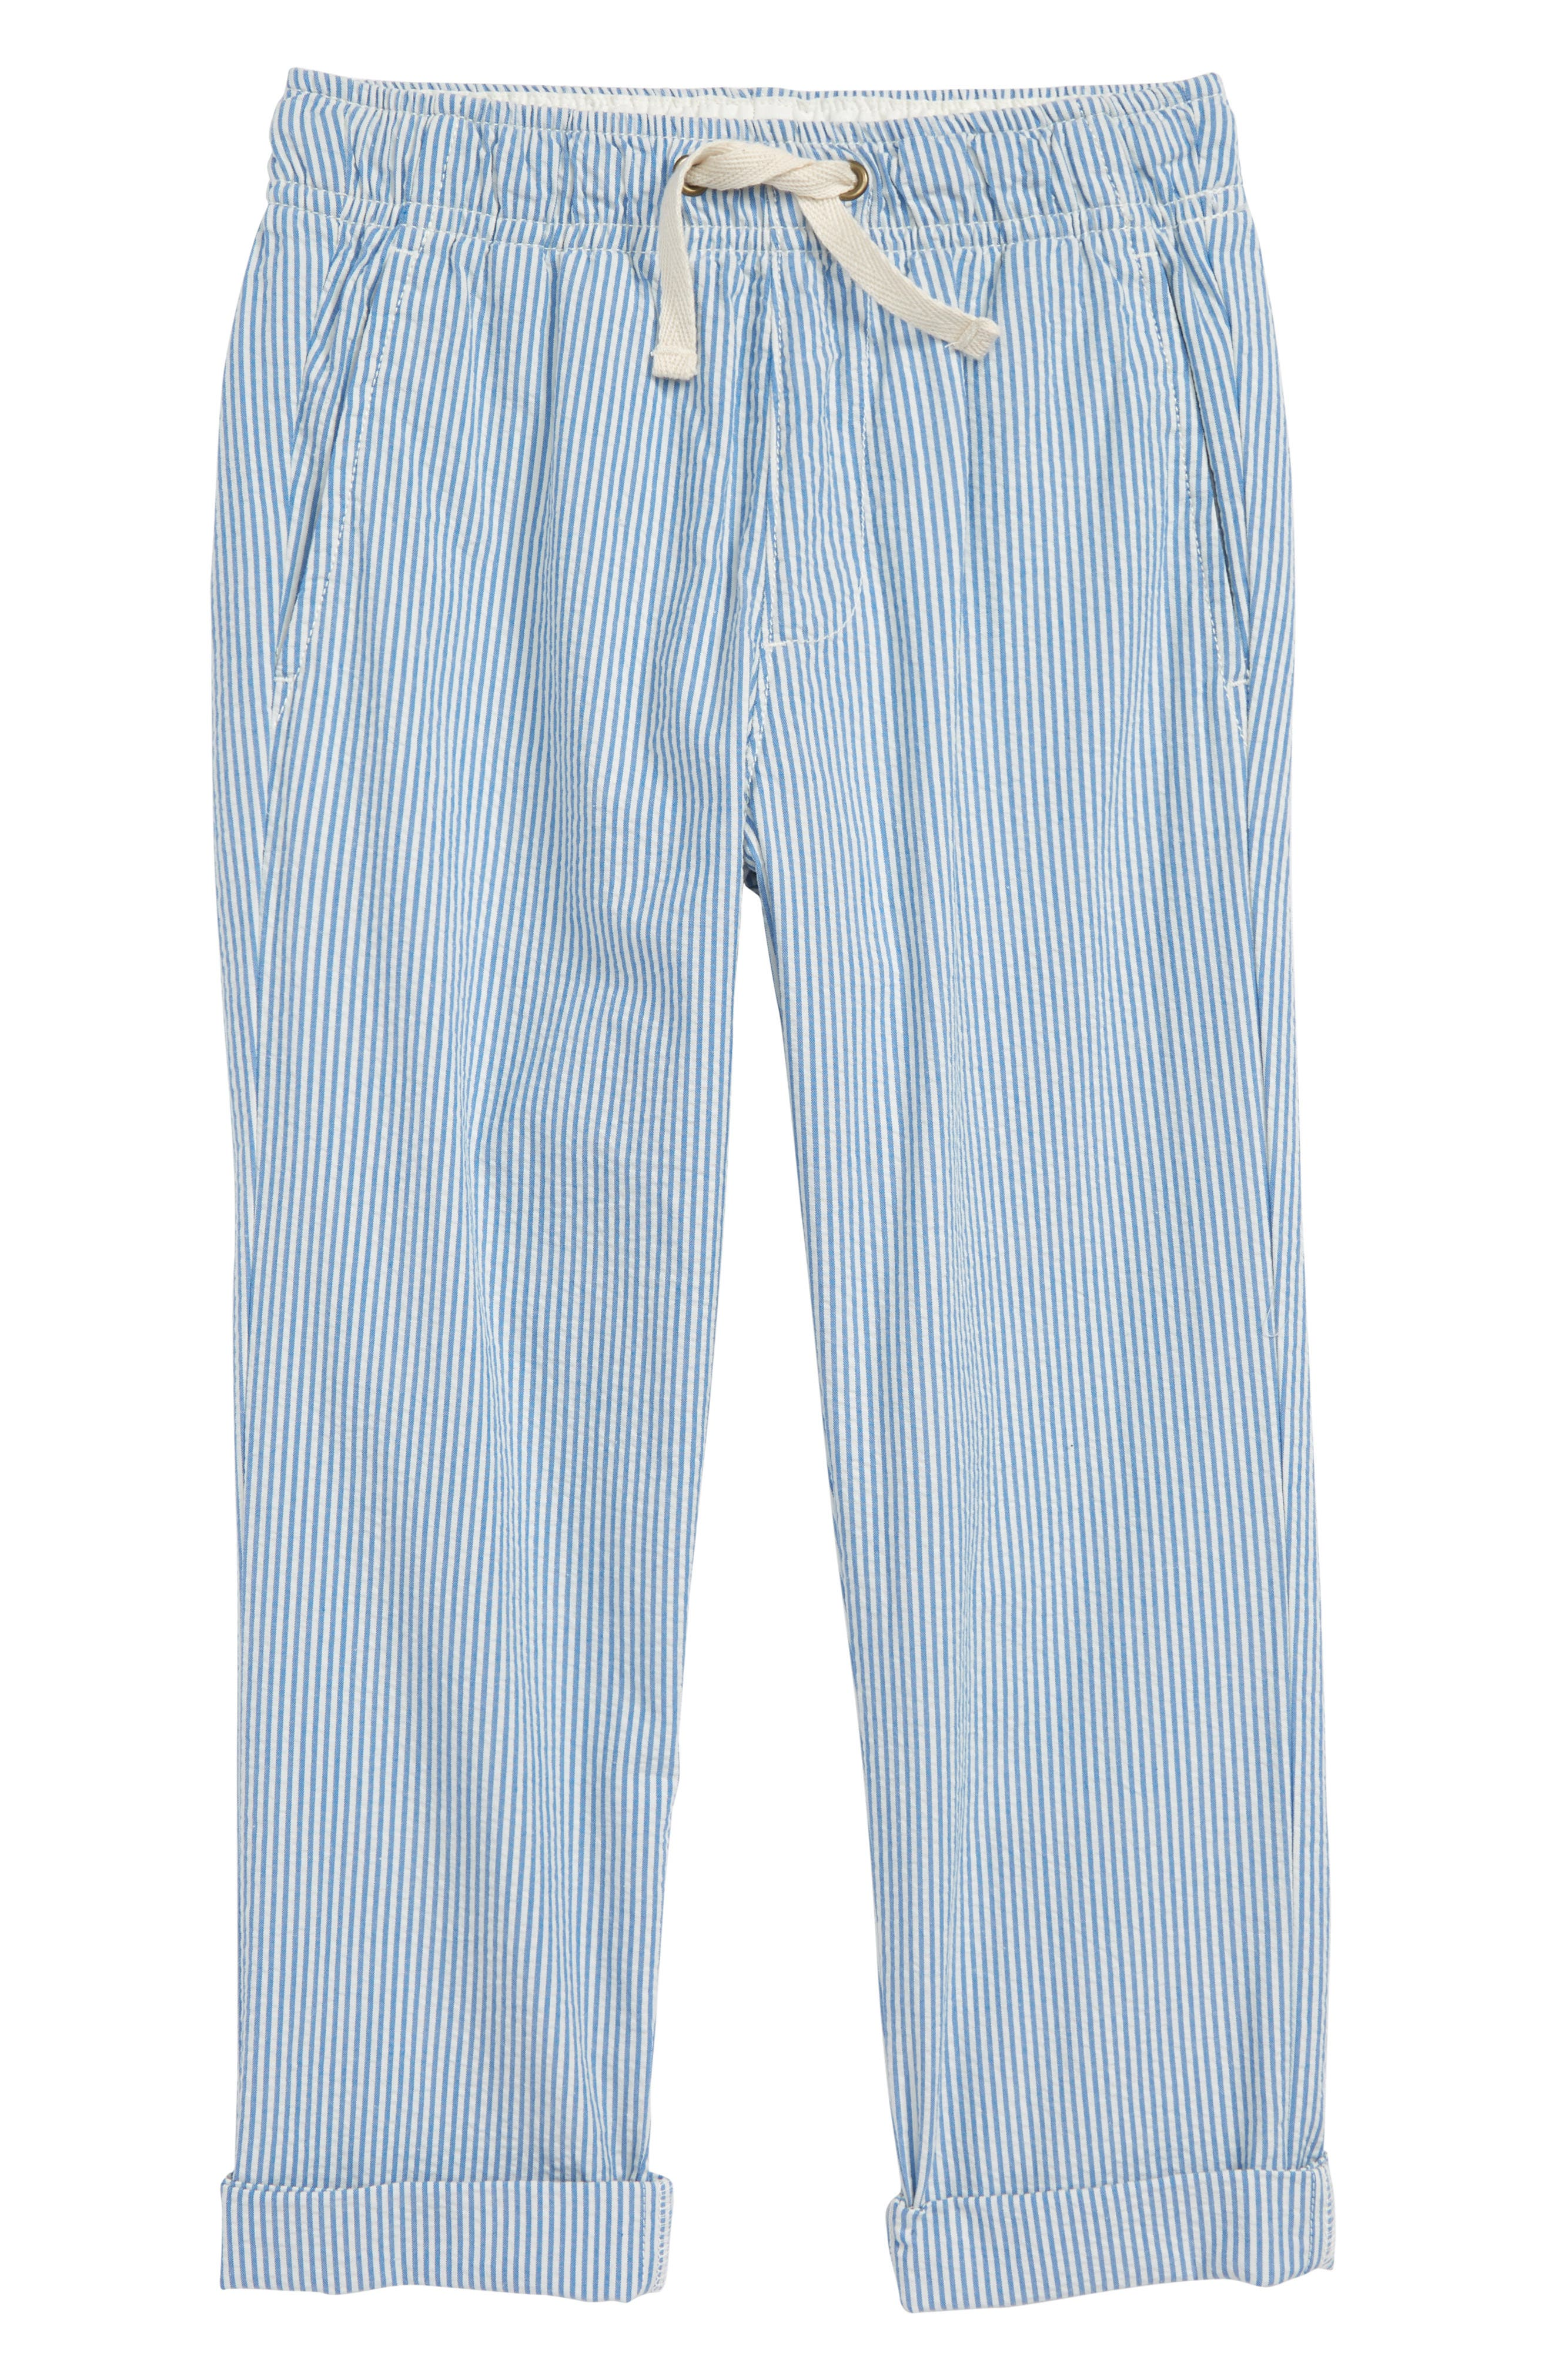 CREWCUTS BY J.CREW Seersucker Pants, Main, color, 400